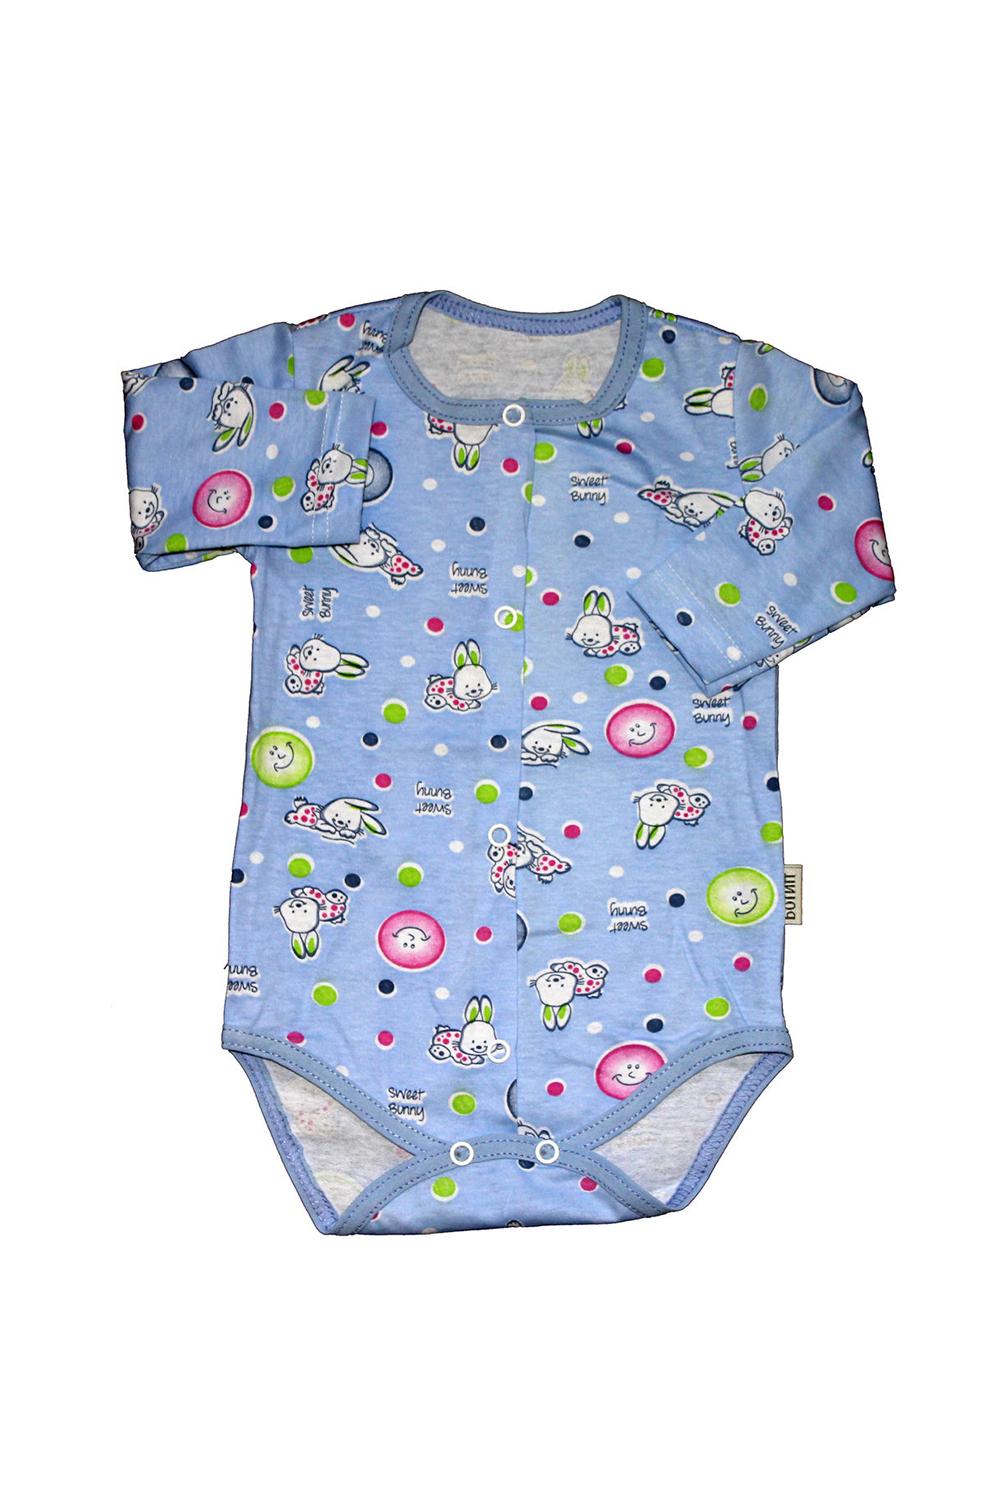 БодиКофточки<br>Хлопковое боди для новорожденного  В изделии использованы цвета: голубой и др.  Размер соответствует росту ребенка.<br><br>По сезону: Всесезон<br>Размер : 62,68,74<br>Материал: Хлопок<br>Количество в наличии: 2